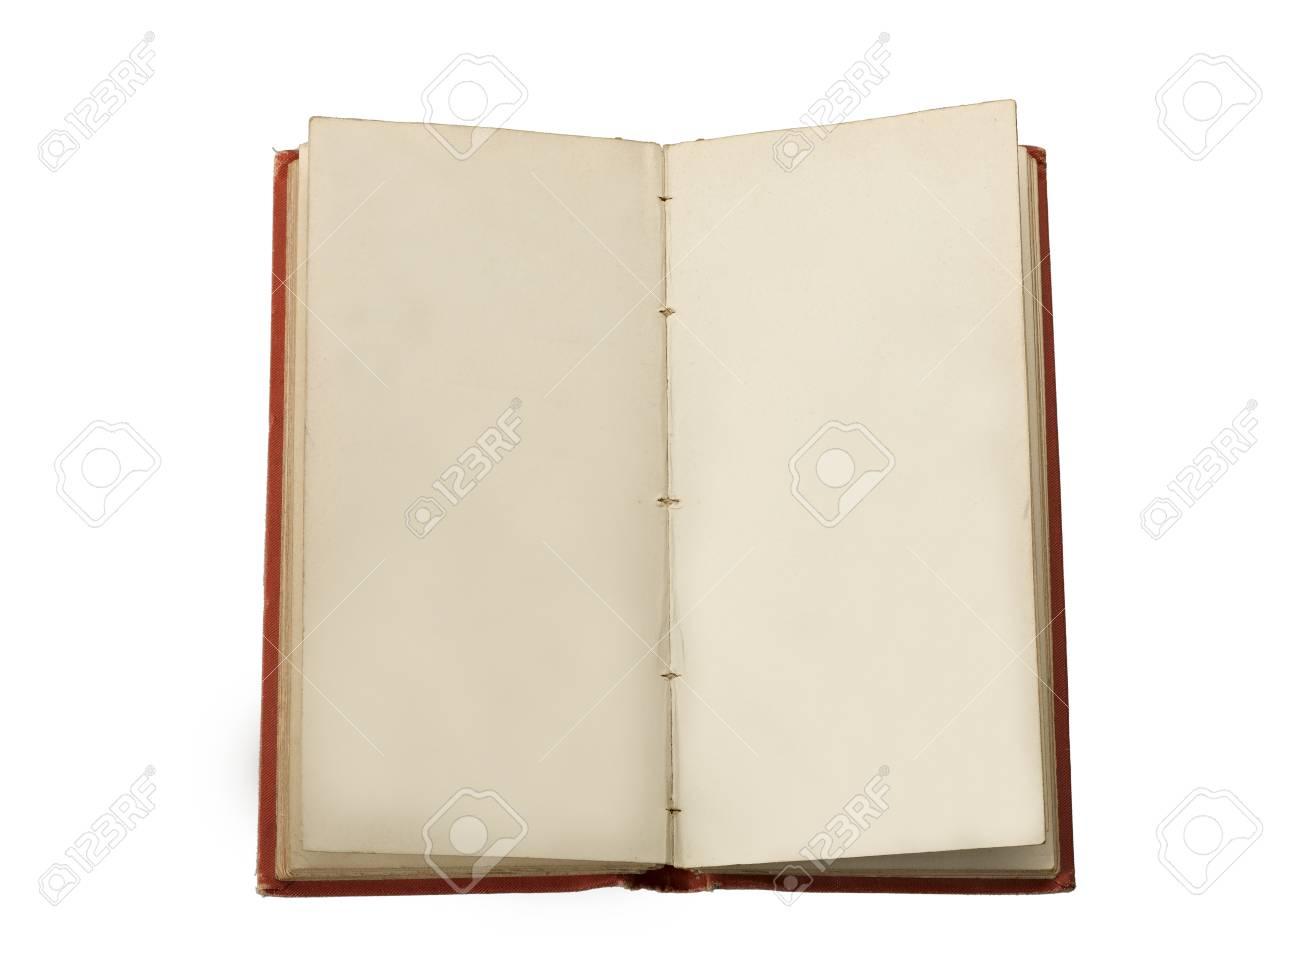 Ein Altes Buch Offen Zu Zwei Einander Gegenüberliegende Freie Seiten ...